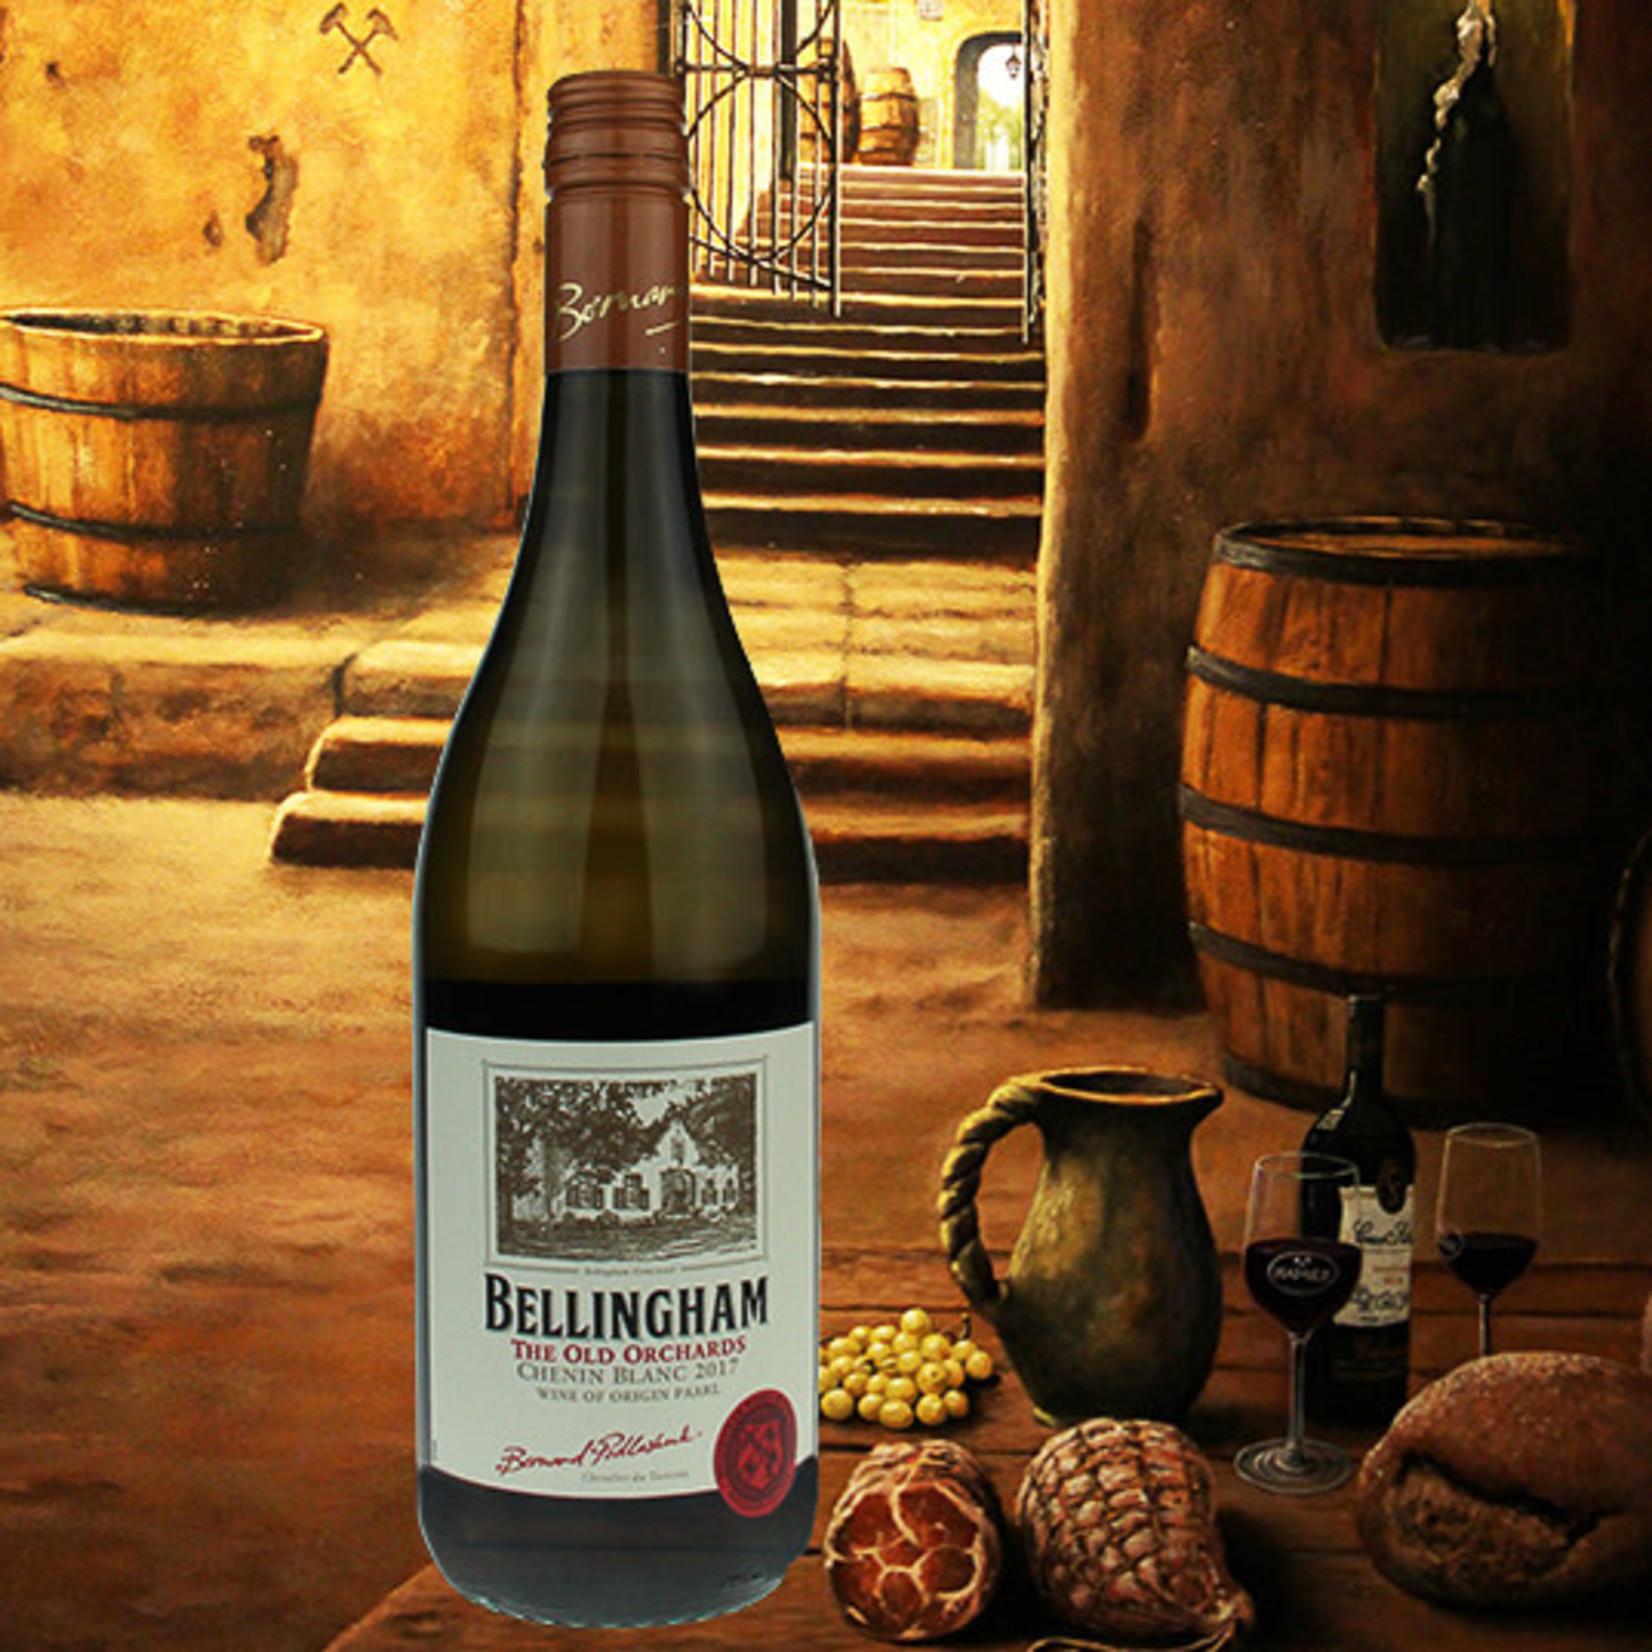 Bellingham Bellingham The Homestead Series Chenin Blanc